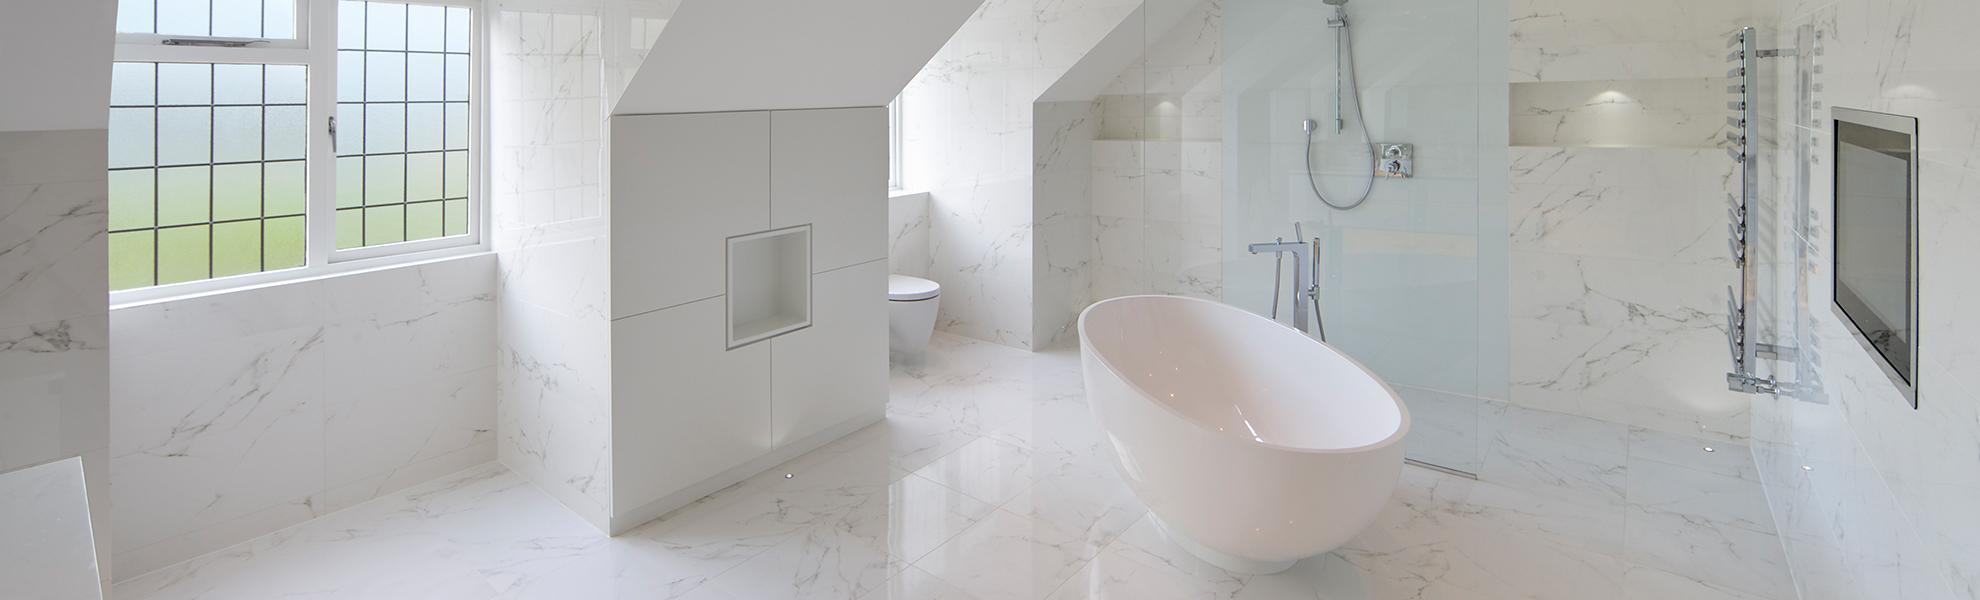 Arredo Bagno, Arredamento bagno, ceramiche per il bagno, sanitari, Rubinetteria, Rieti